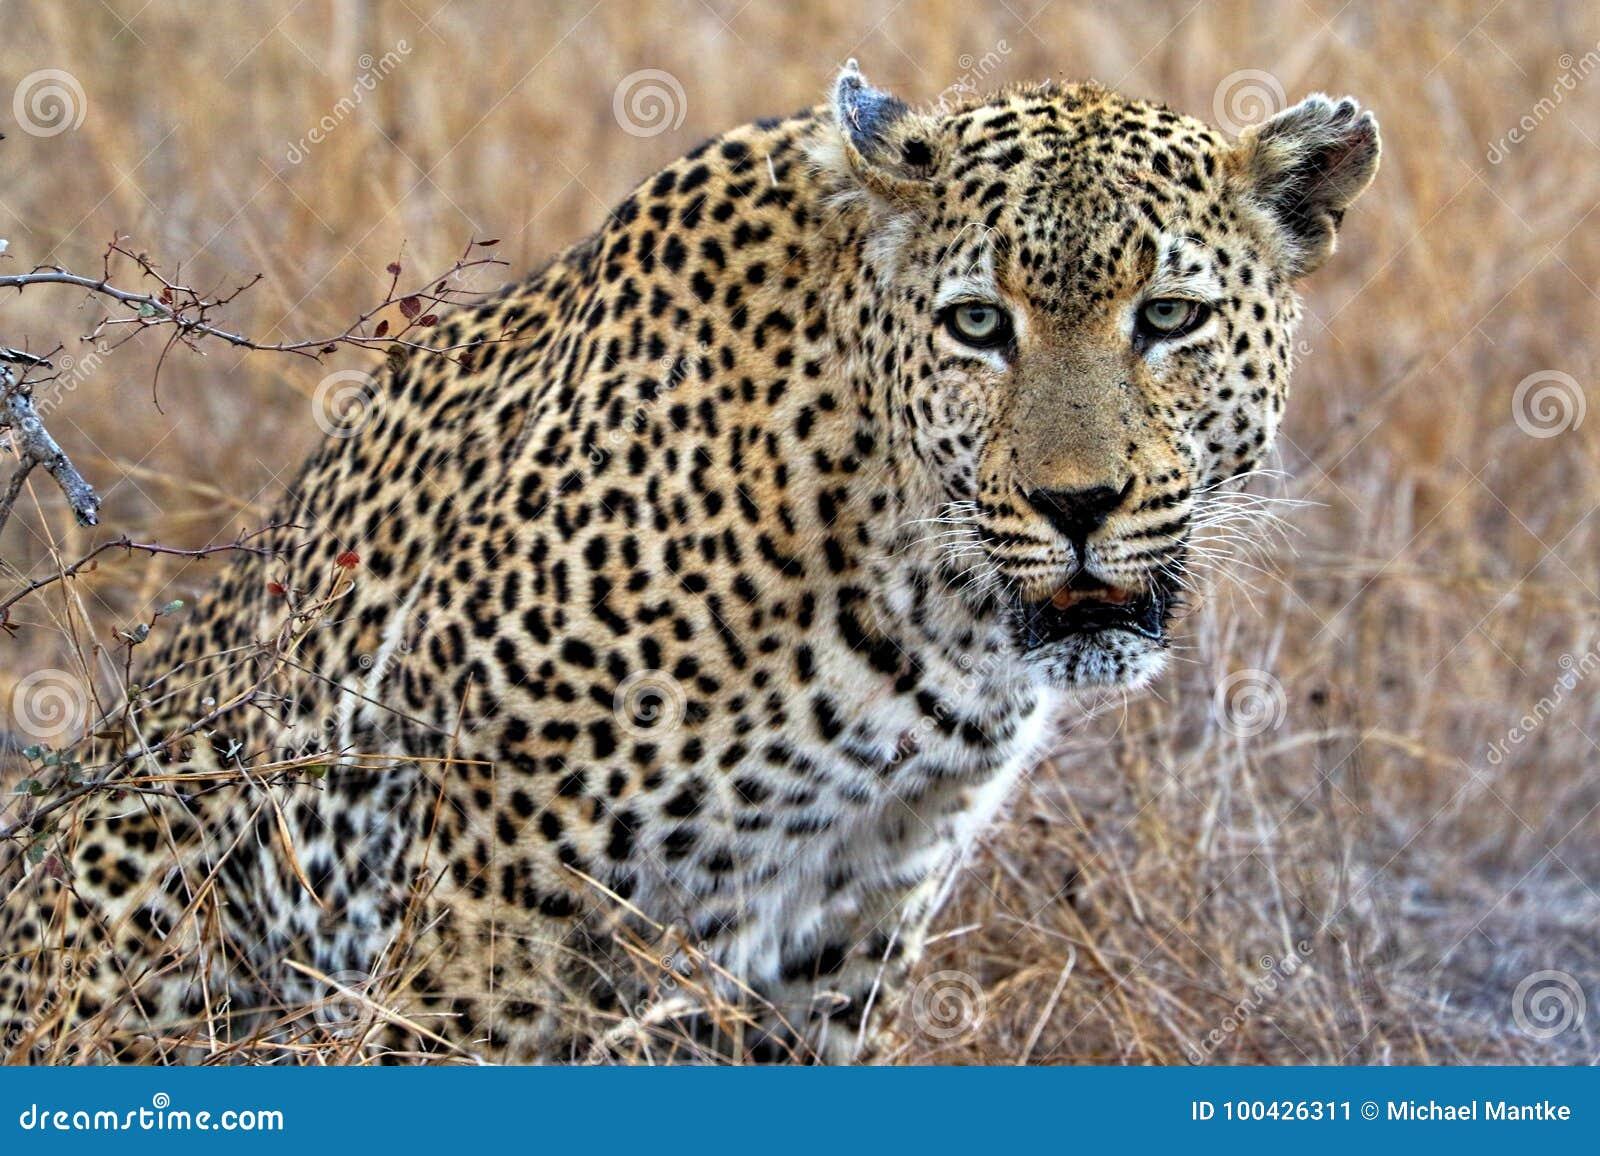 Portrait Of A Leopard Panthera Pardus Kruger National Park South